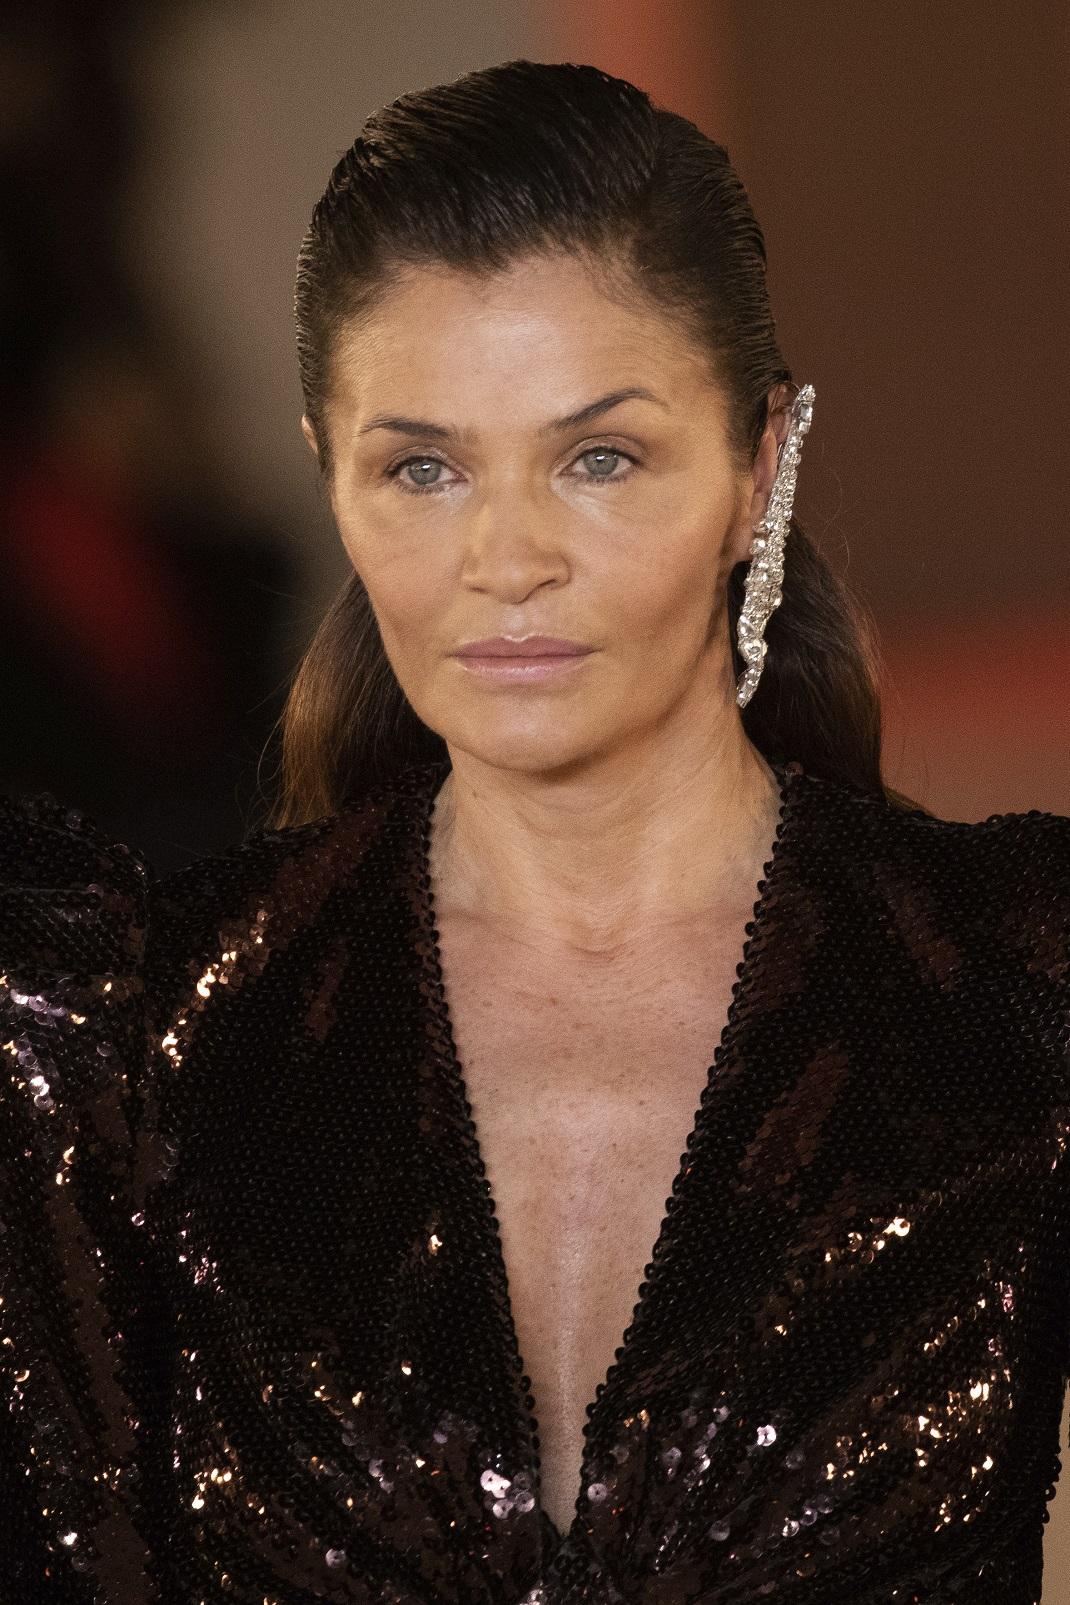 Η Έλενα Κρίστενσεν με ολόσωμη φόρμα με παγιέτες στην πασαρέλα του Balmain